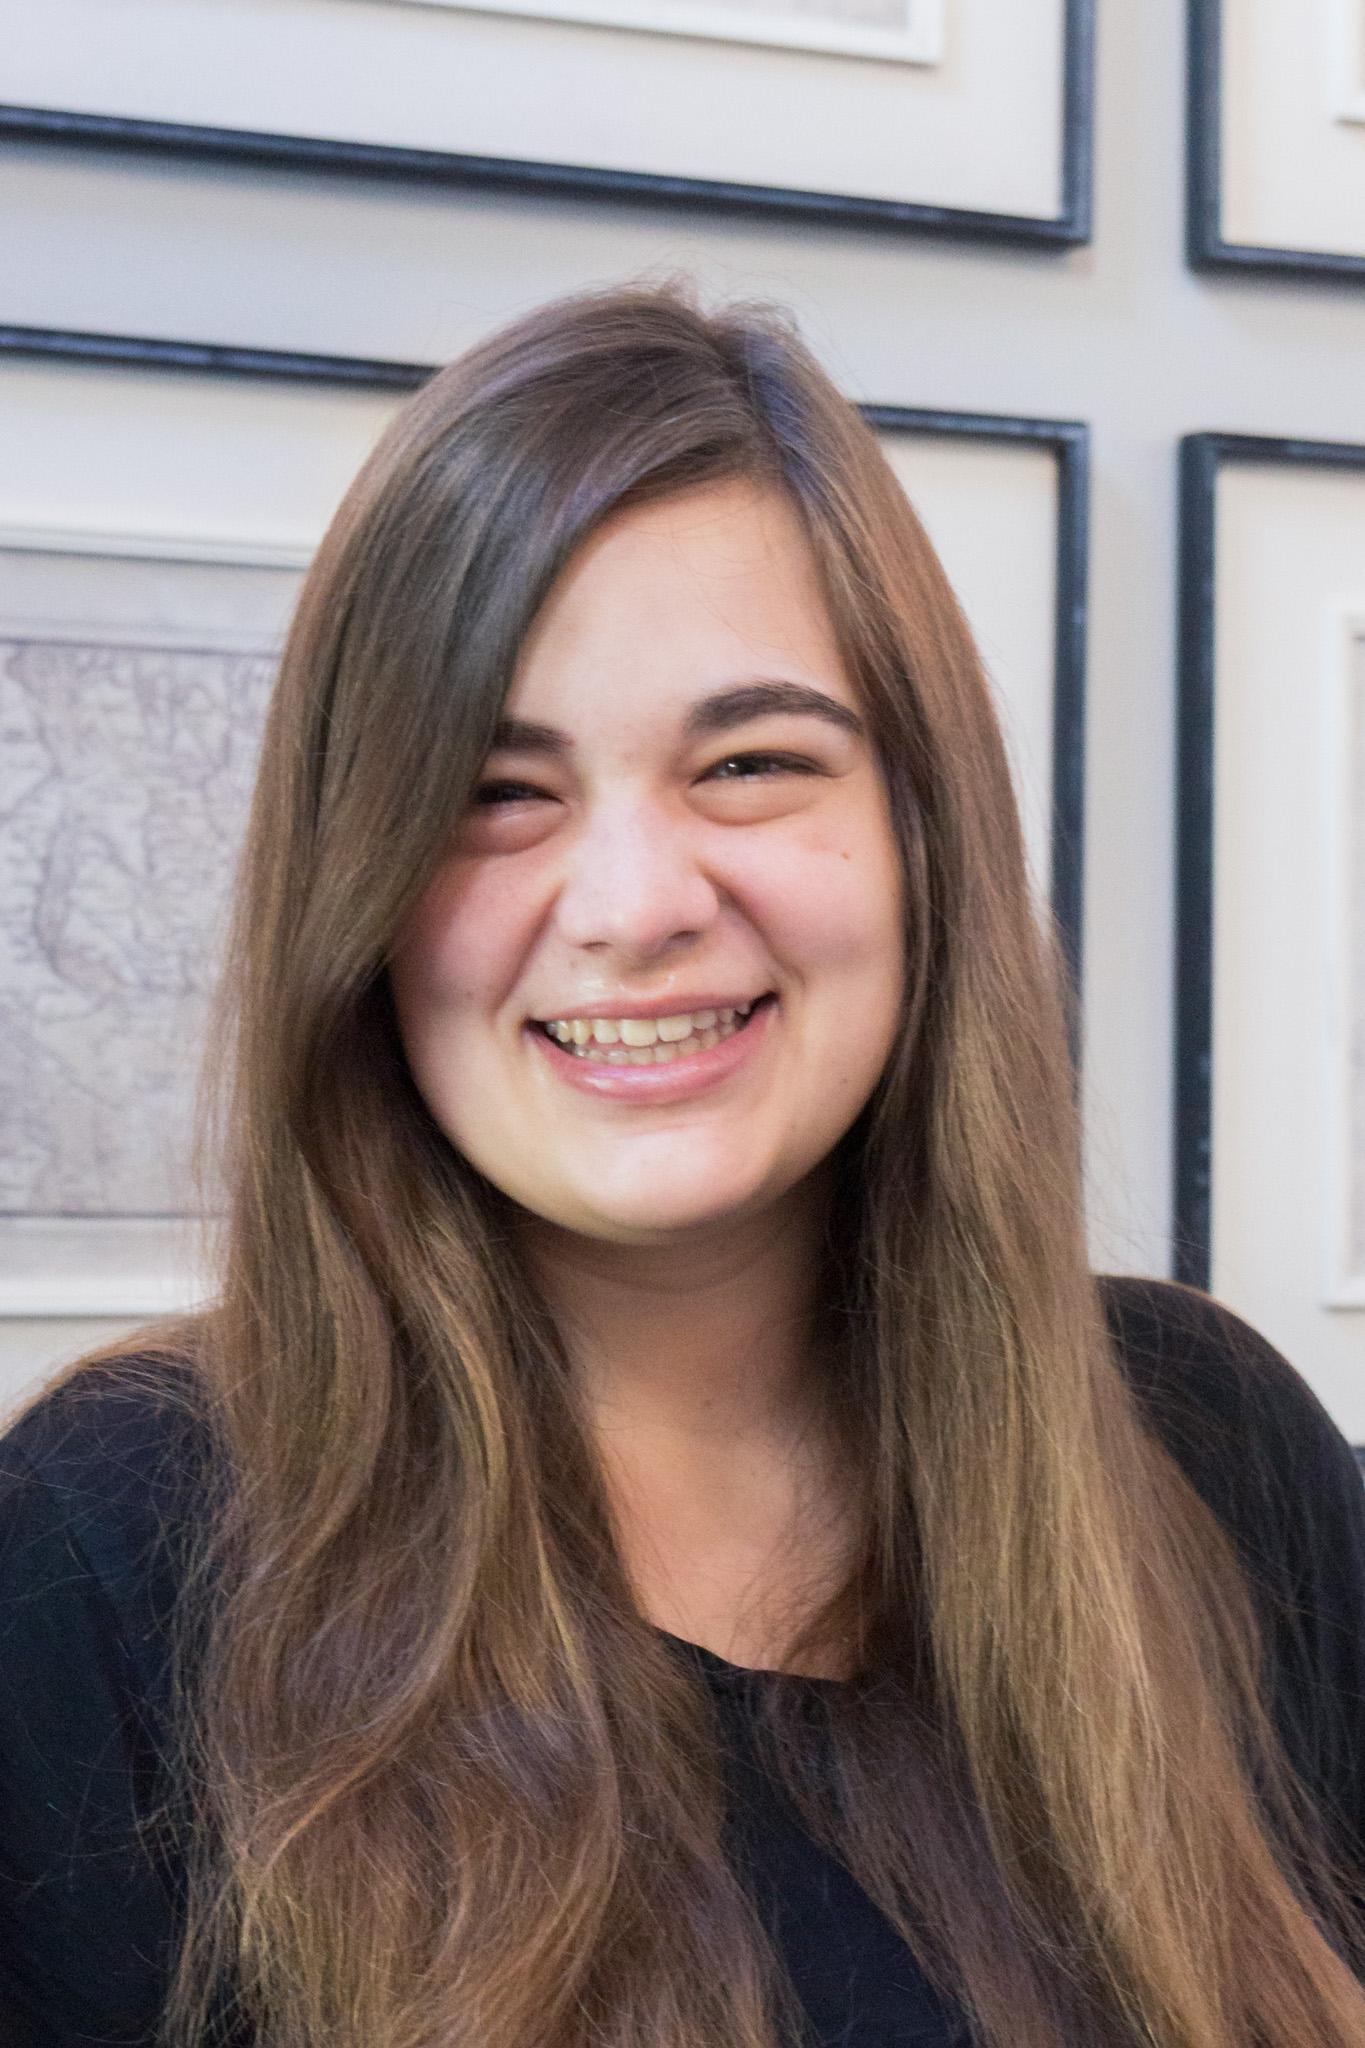 Rachel Cromer